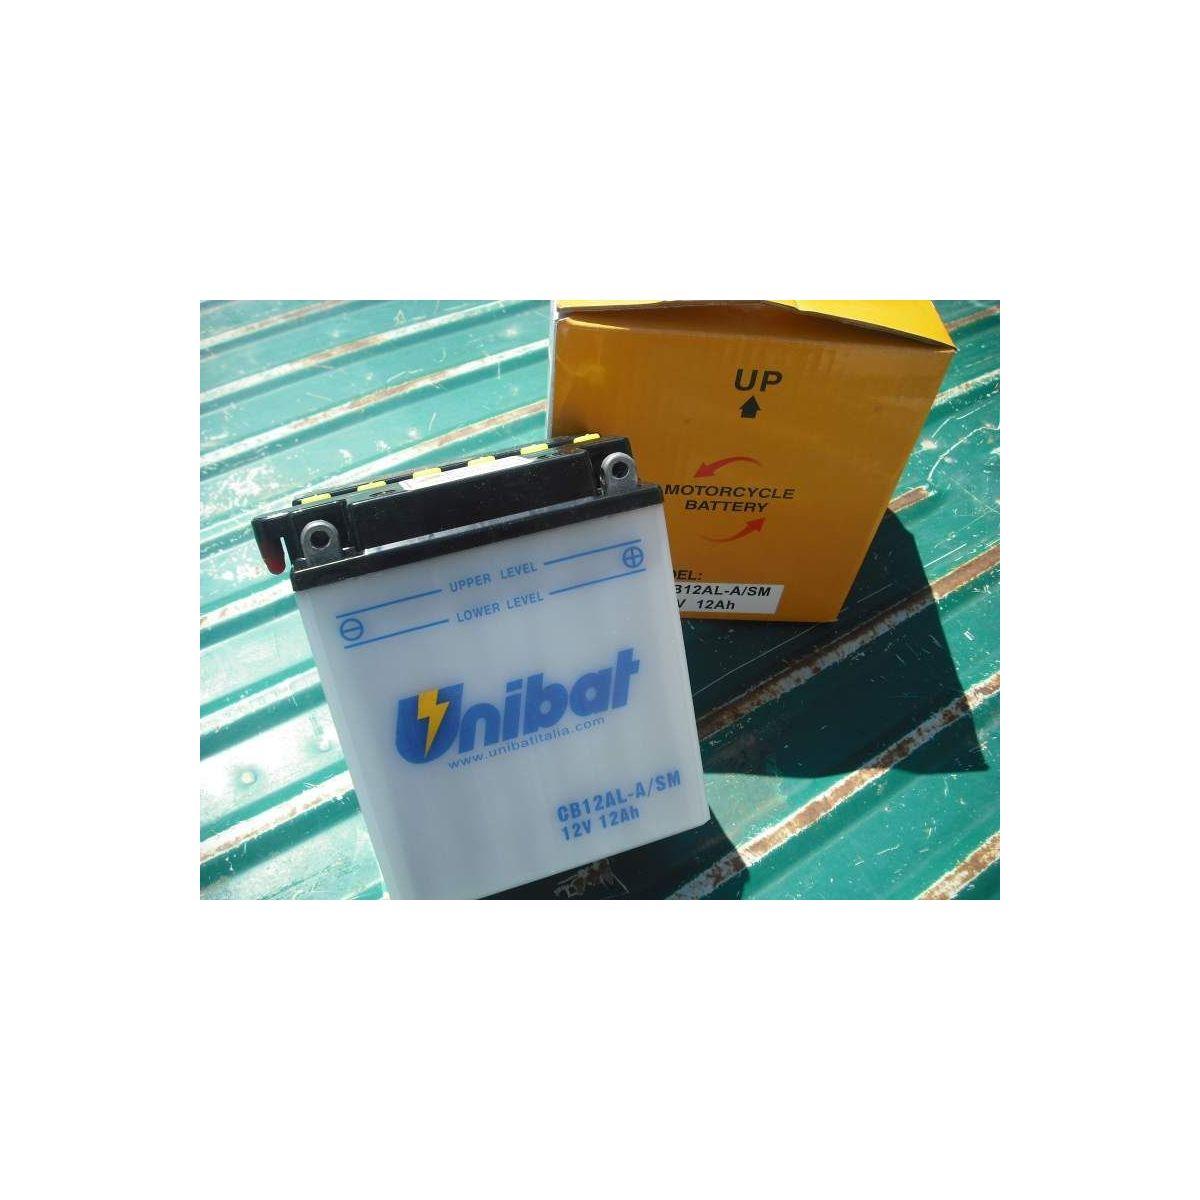 Batteria unibat CB12AL-ASM